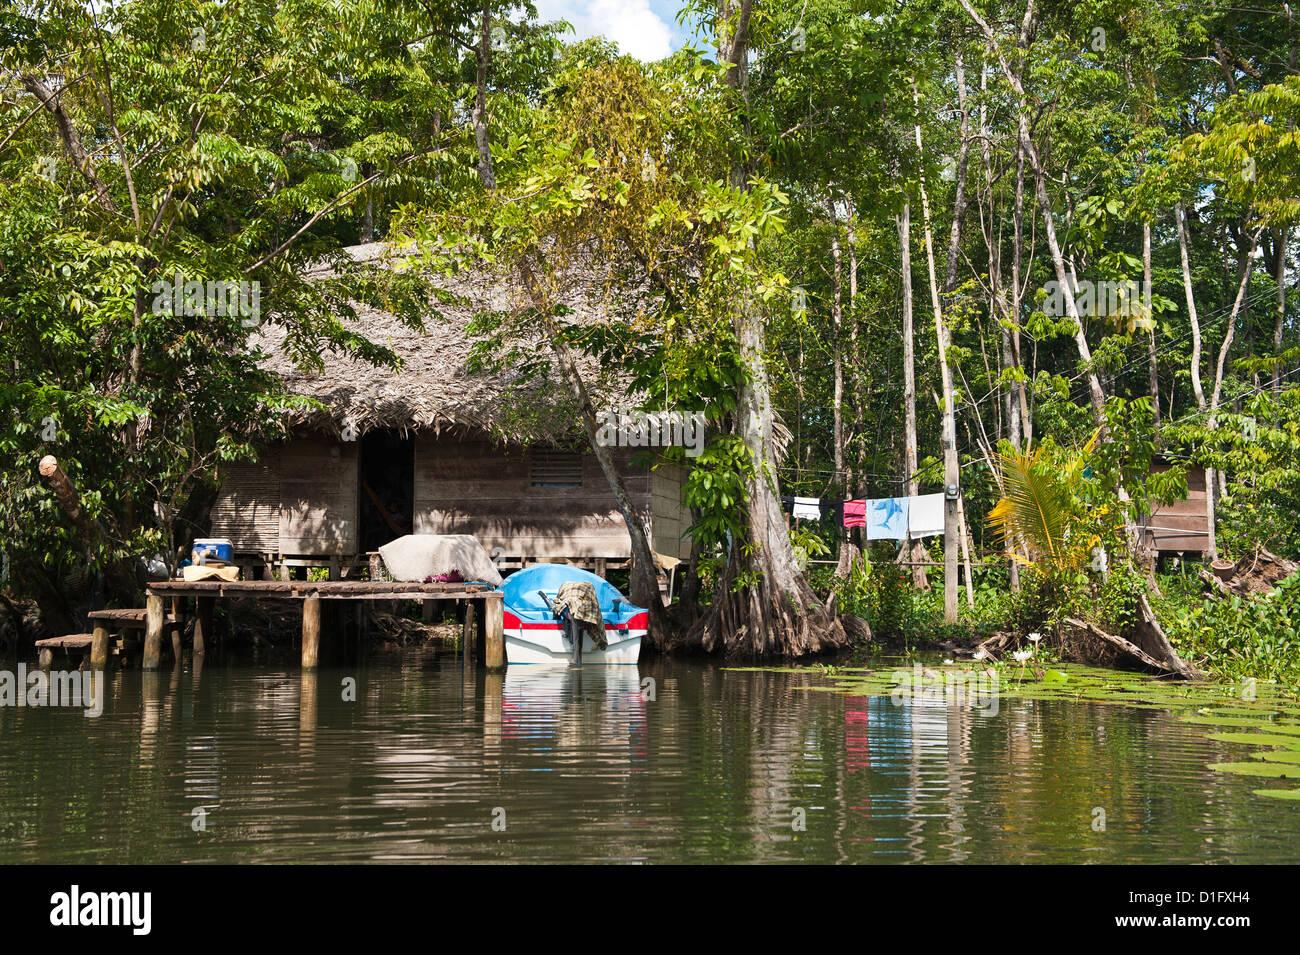 Indigenous people dwelling on Lake Izabal (Lago de Izabal), Guatemala, Central America - Stock Image